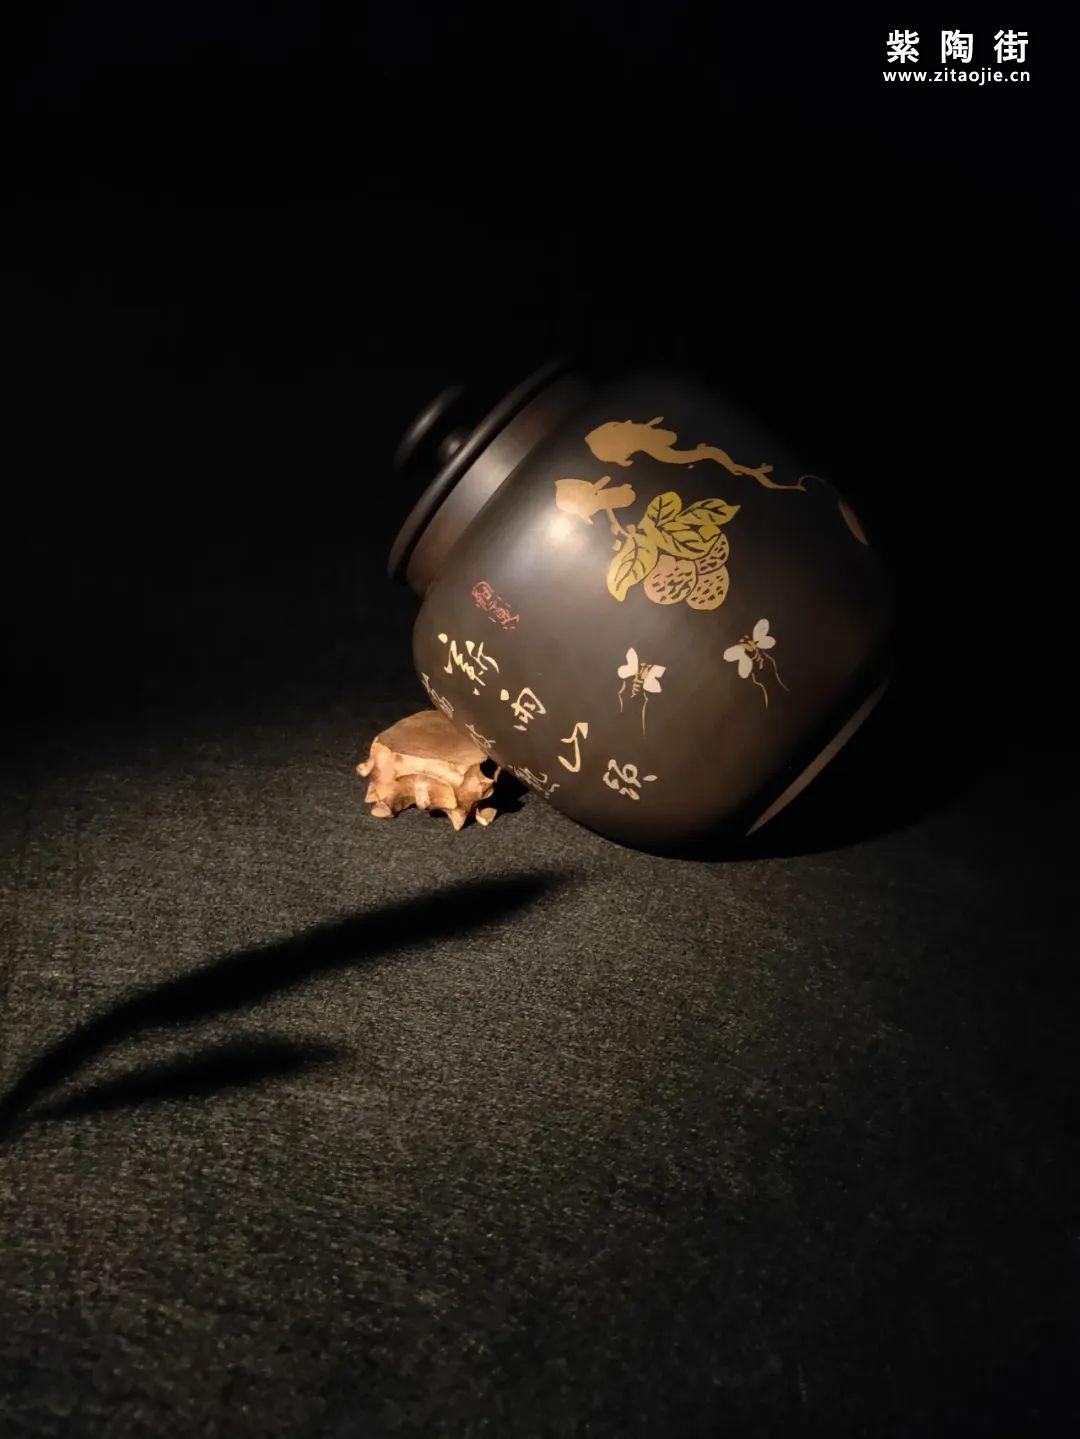 紫陶醒茶罐 • 普洱茶的好搭档插图9